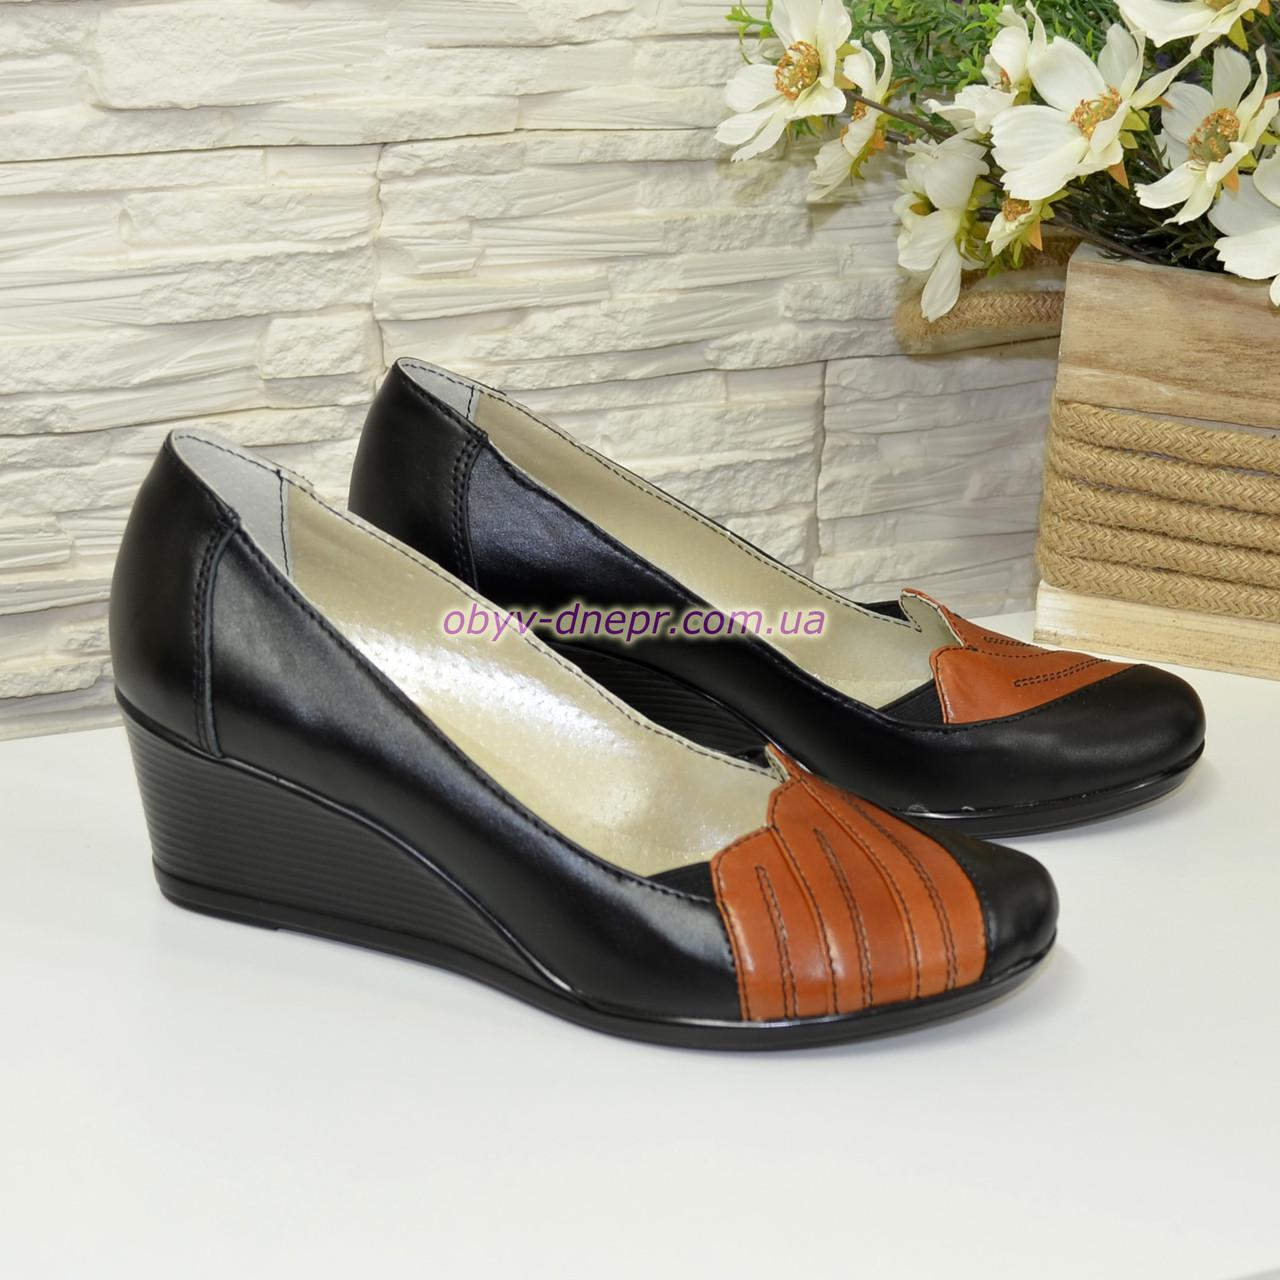 """Кожаные женские туфли с вставками из рыжей кожи на танкетке. ТМ """"Maestro"""""""